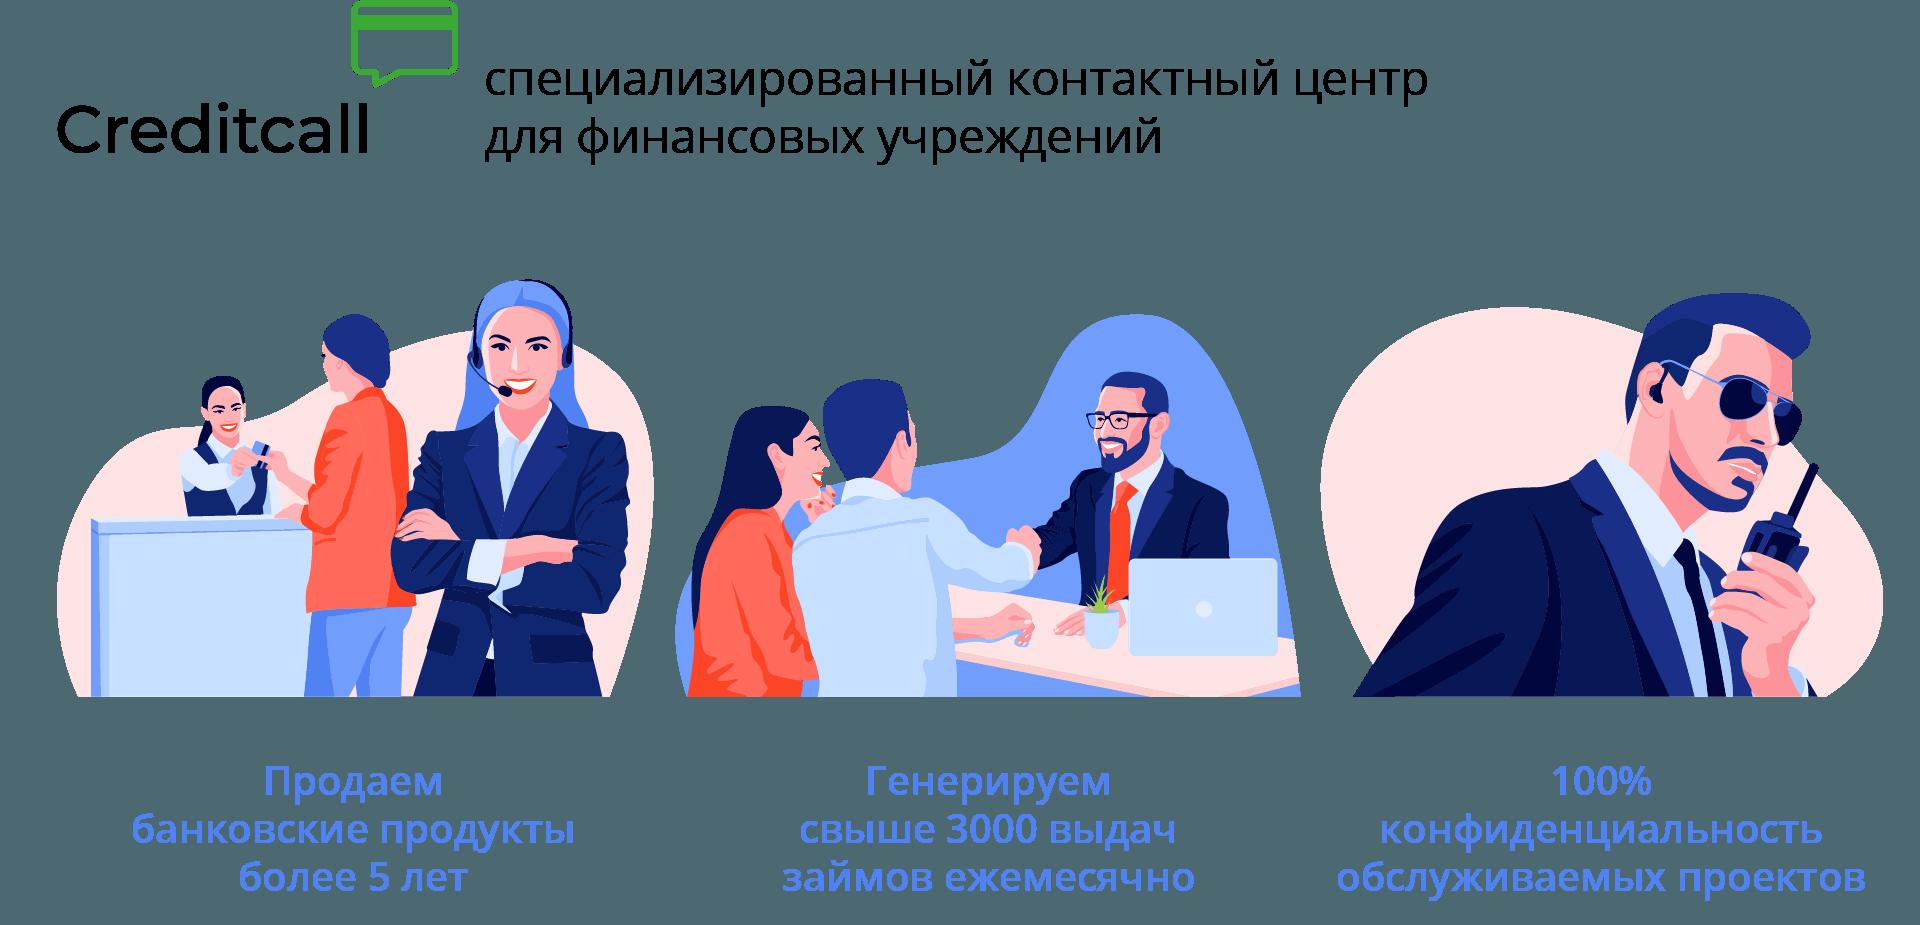 Контактный центр Creditcall: узкая специализация, широкая география